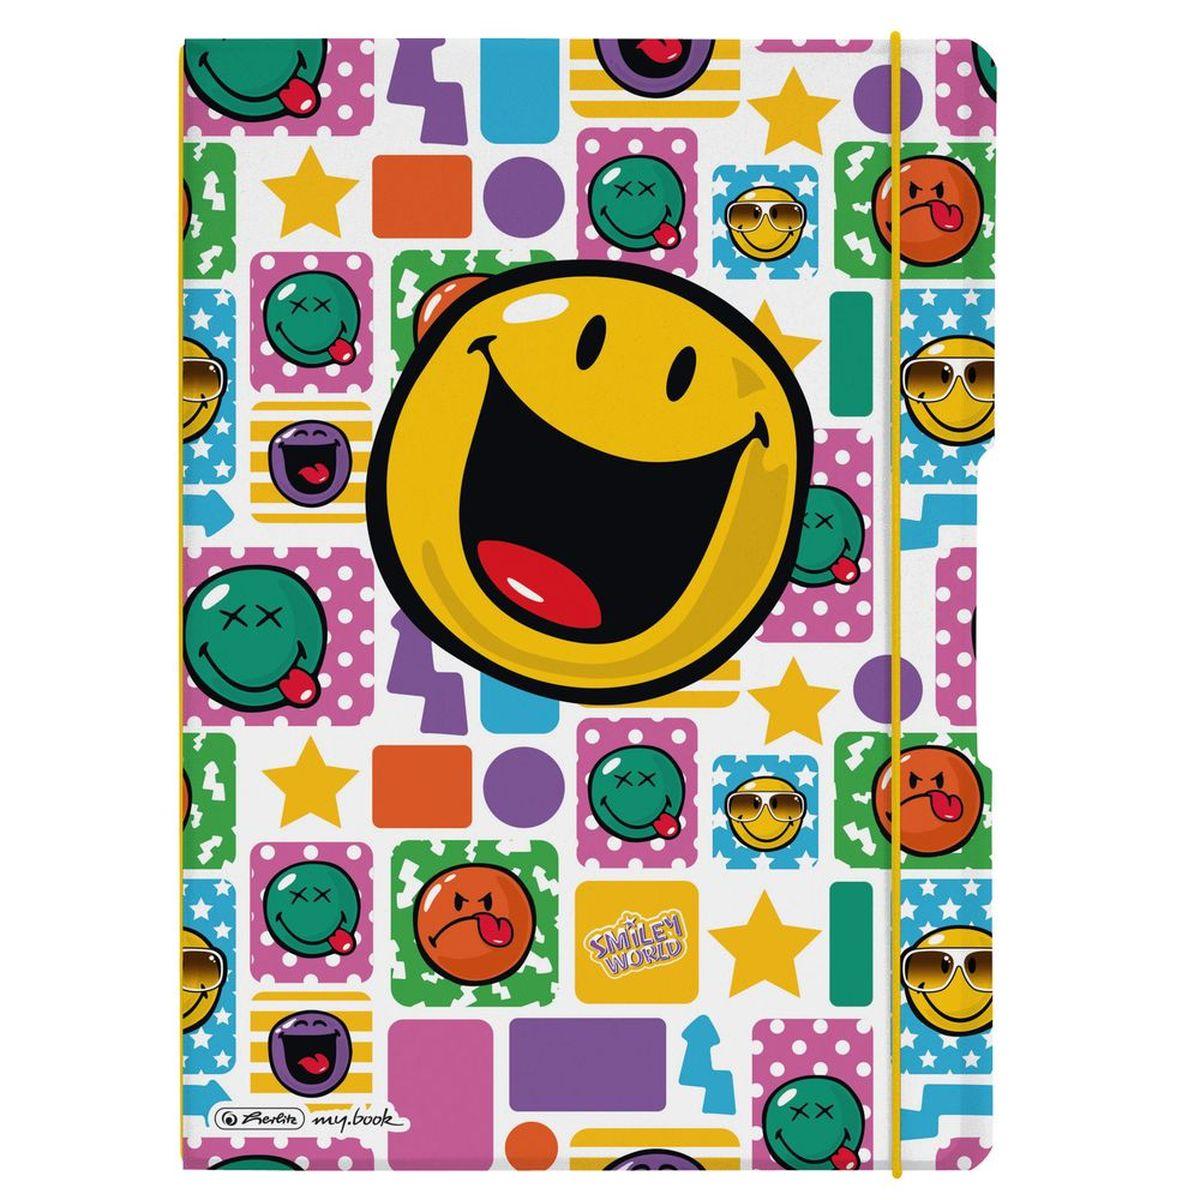 Herlitz Блокнот my.book Flex Smiley Happy 80 листов в клетку/линейку формат А411361672Комбинируемый блокнот от Herlitz my.book Flex Smiley Happy подойдет для любого случая: в университете, в школе, дома или в офисе.Благодаря разным бумажным сменным блокам, а также эластичным резинкам и креплению блокнот my.book всегда остается уникальным и разнообразным. С помощью наборов эластичных резинок вы можете немного менять внешний вид своего блокнота my.book flex каждый день. При желании вы можете просто продолжать использовать свою любимую обложку, потому что с бумажными блоками всегда есть, где писать.Пластиковый блокнот my.book flex завоюет ваше сердце. Пластиковая версия блокнота формата A4 имеет еще одно преимущество: уникальная система 2-в-1. В отличие от обычных блокнотов, эта версия позволяет использовать одновременно бумажные блоки в клетку и в линейку. Утомительная необходимость носить за собой разные блокноты и тетради ушла в прошлое.